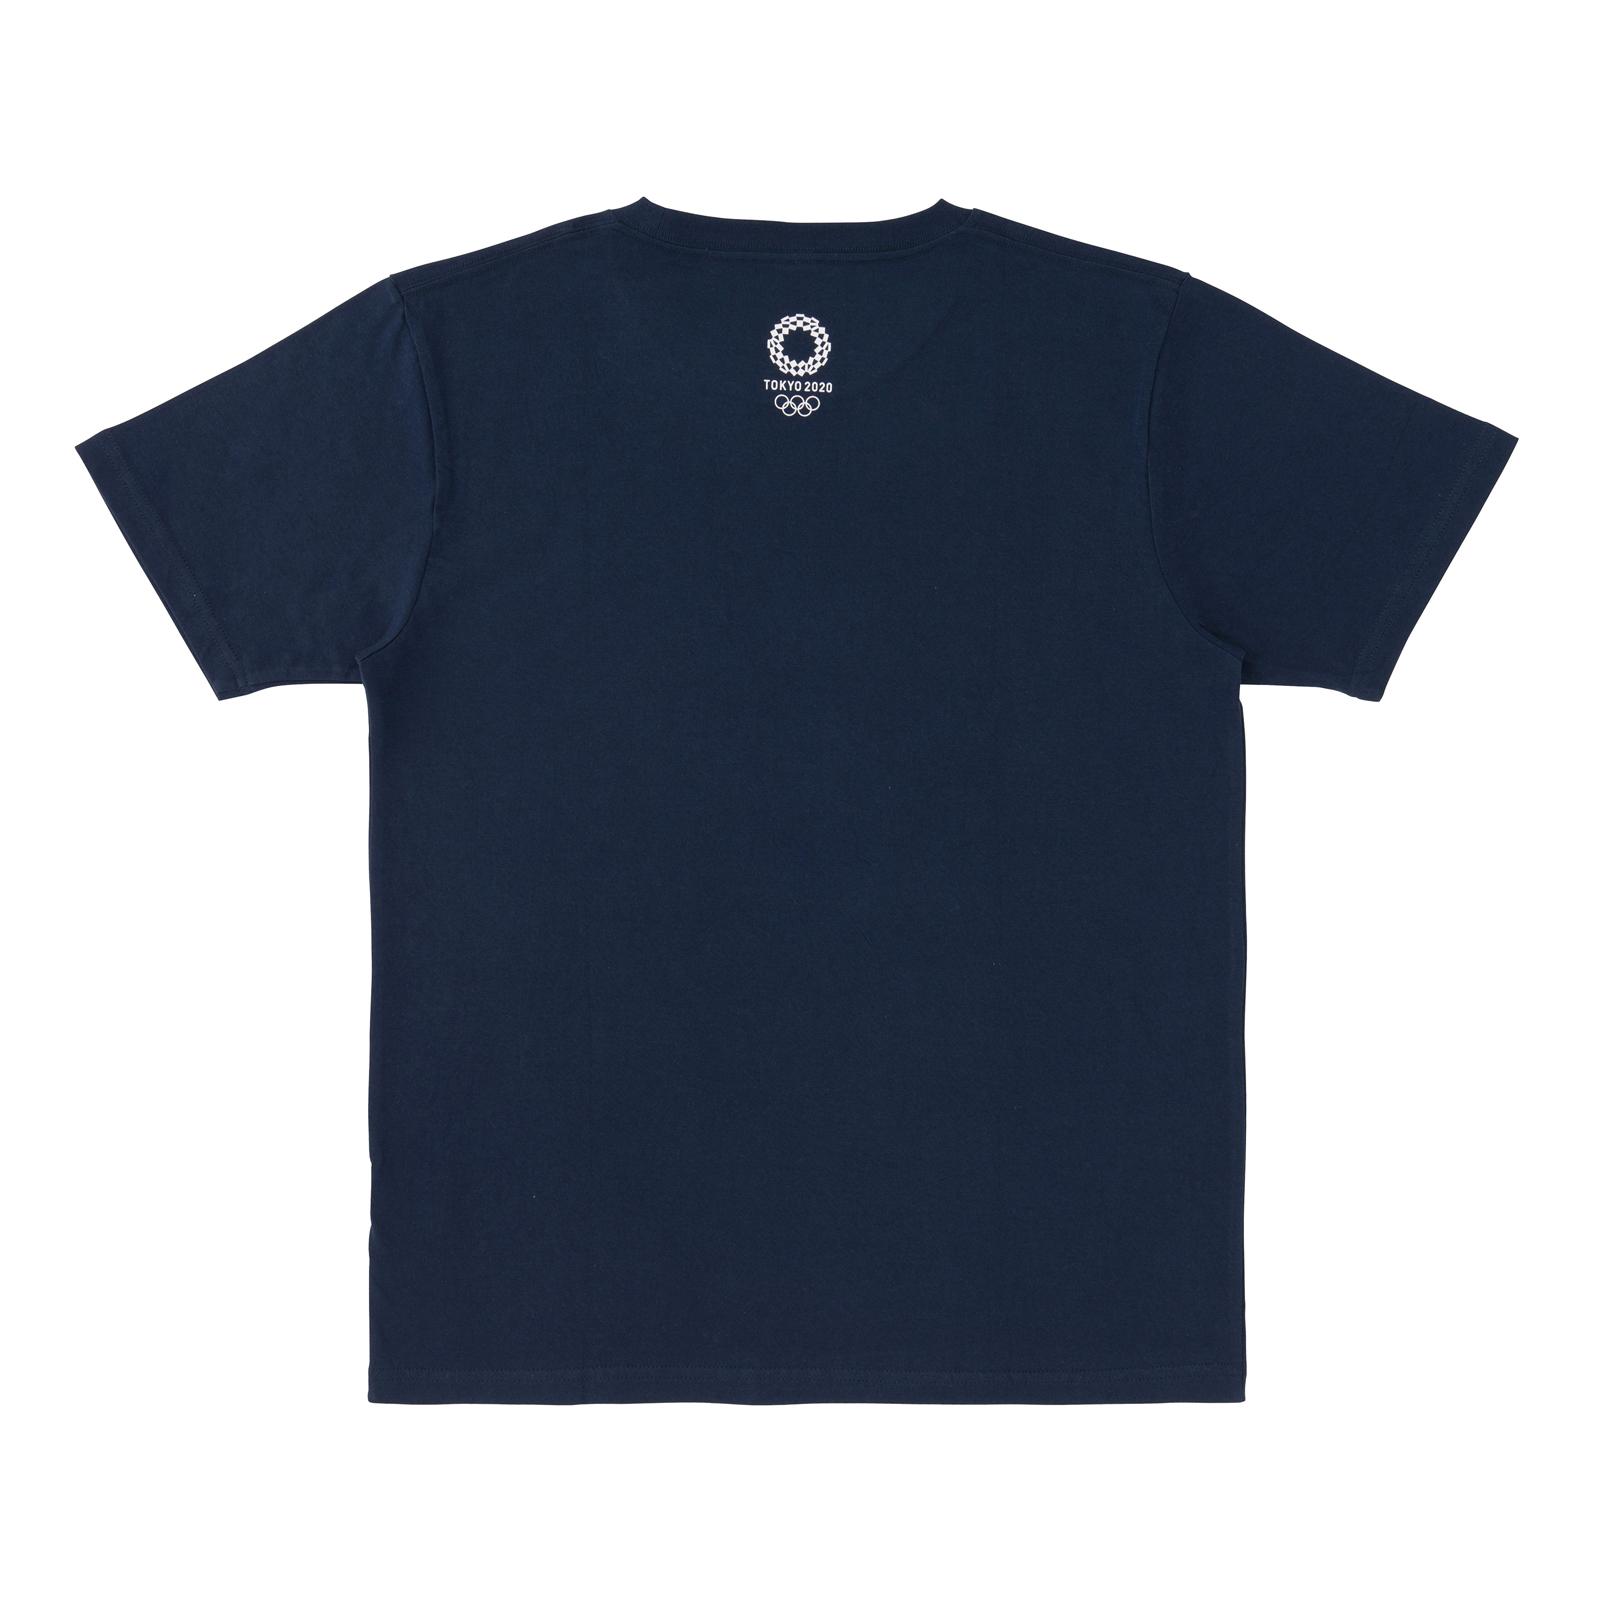 Tシャツ(東京2020オリンピックスポーツピクトグラム)